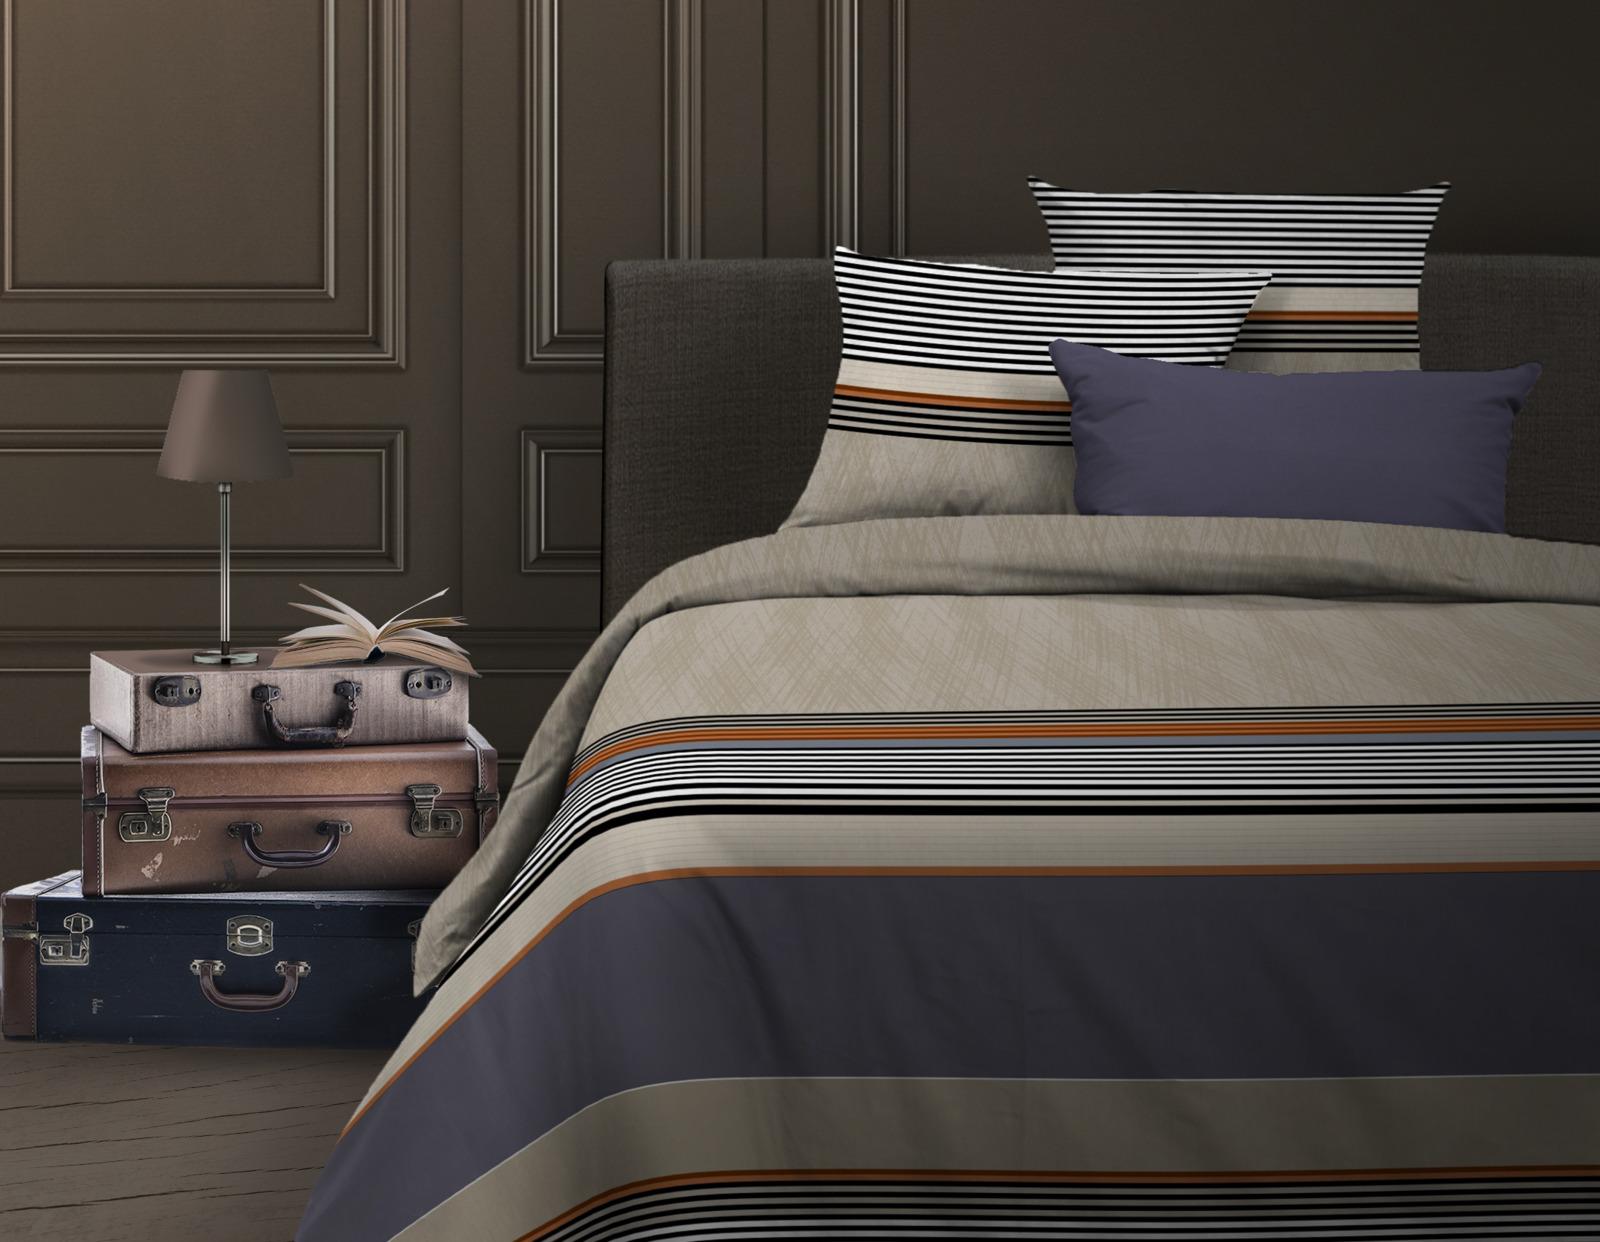 Комплект белья Wenge Simple, 525564, 1,5 спальный, наволочки 70х70 постельное белье wenge кпб 2 0 био комфорт wenge 70х70 рис 15158 1 15161 2 gallant